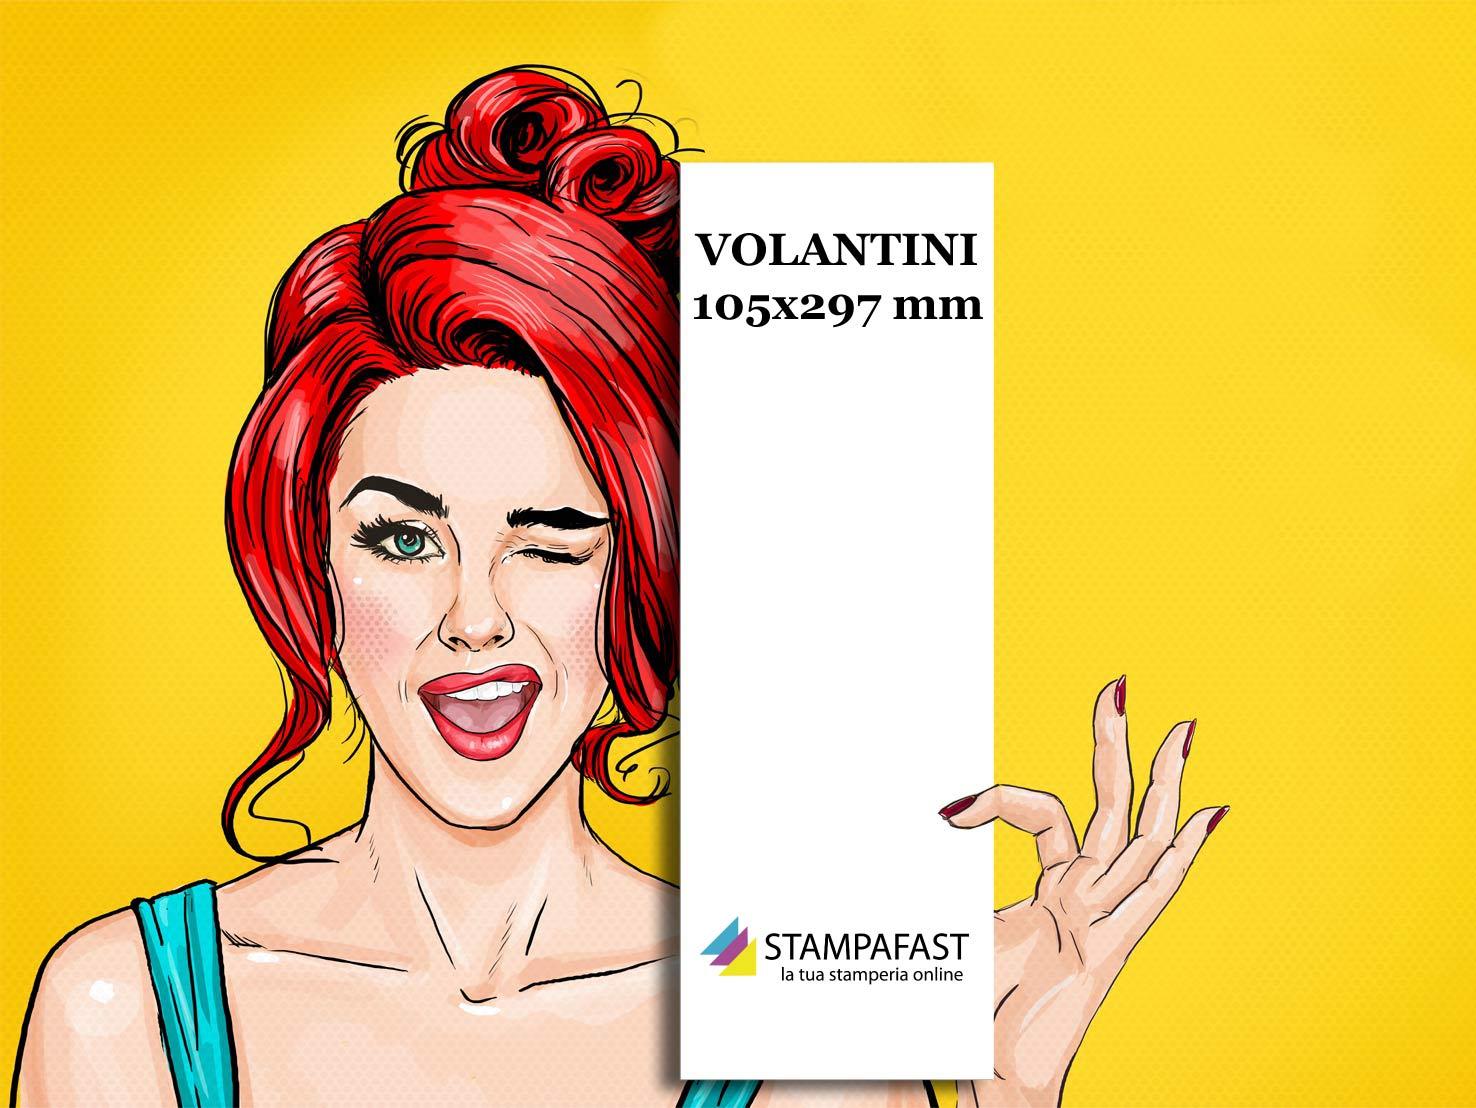 Volantini 105x297